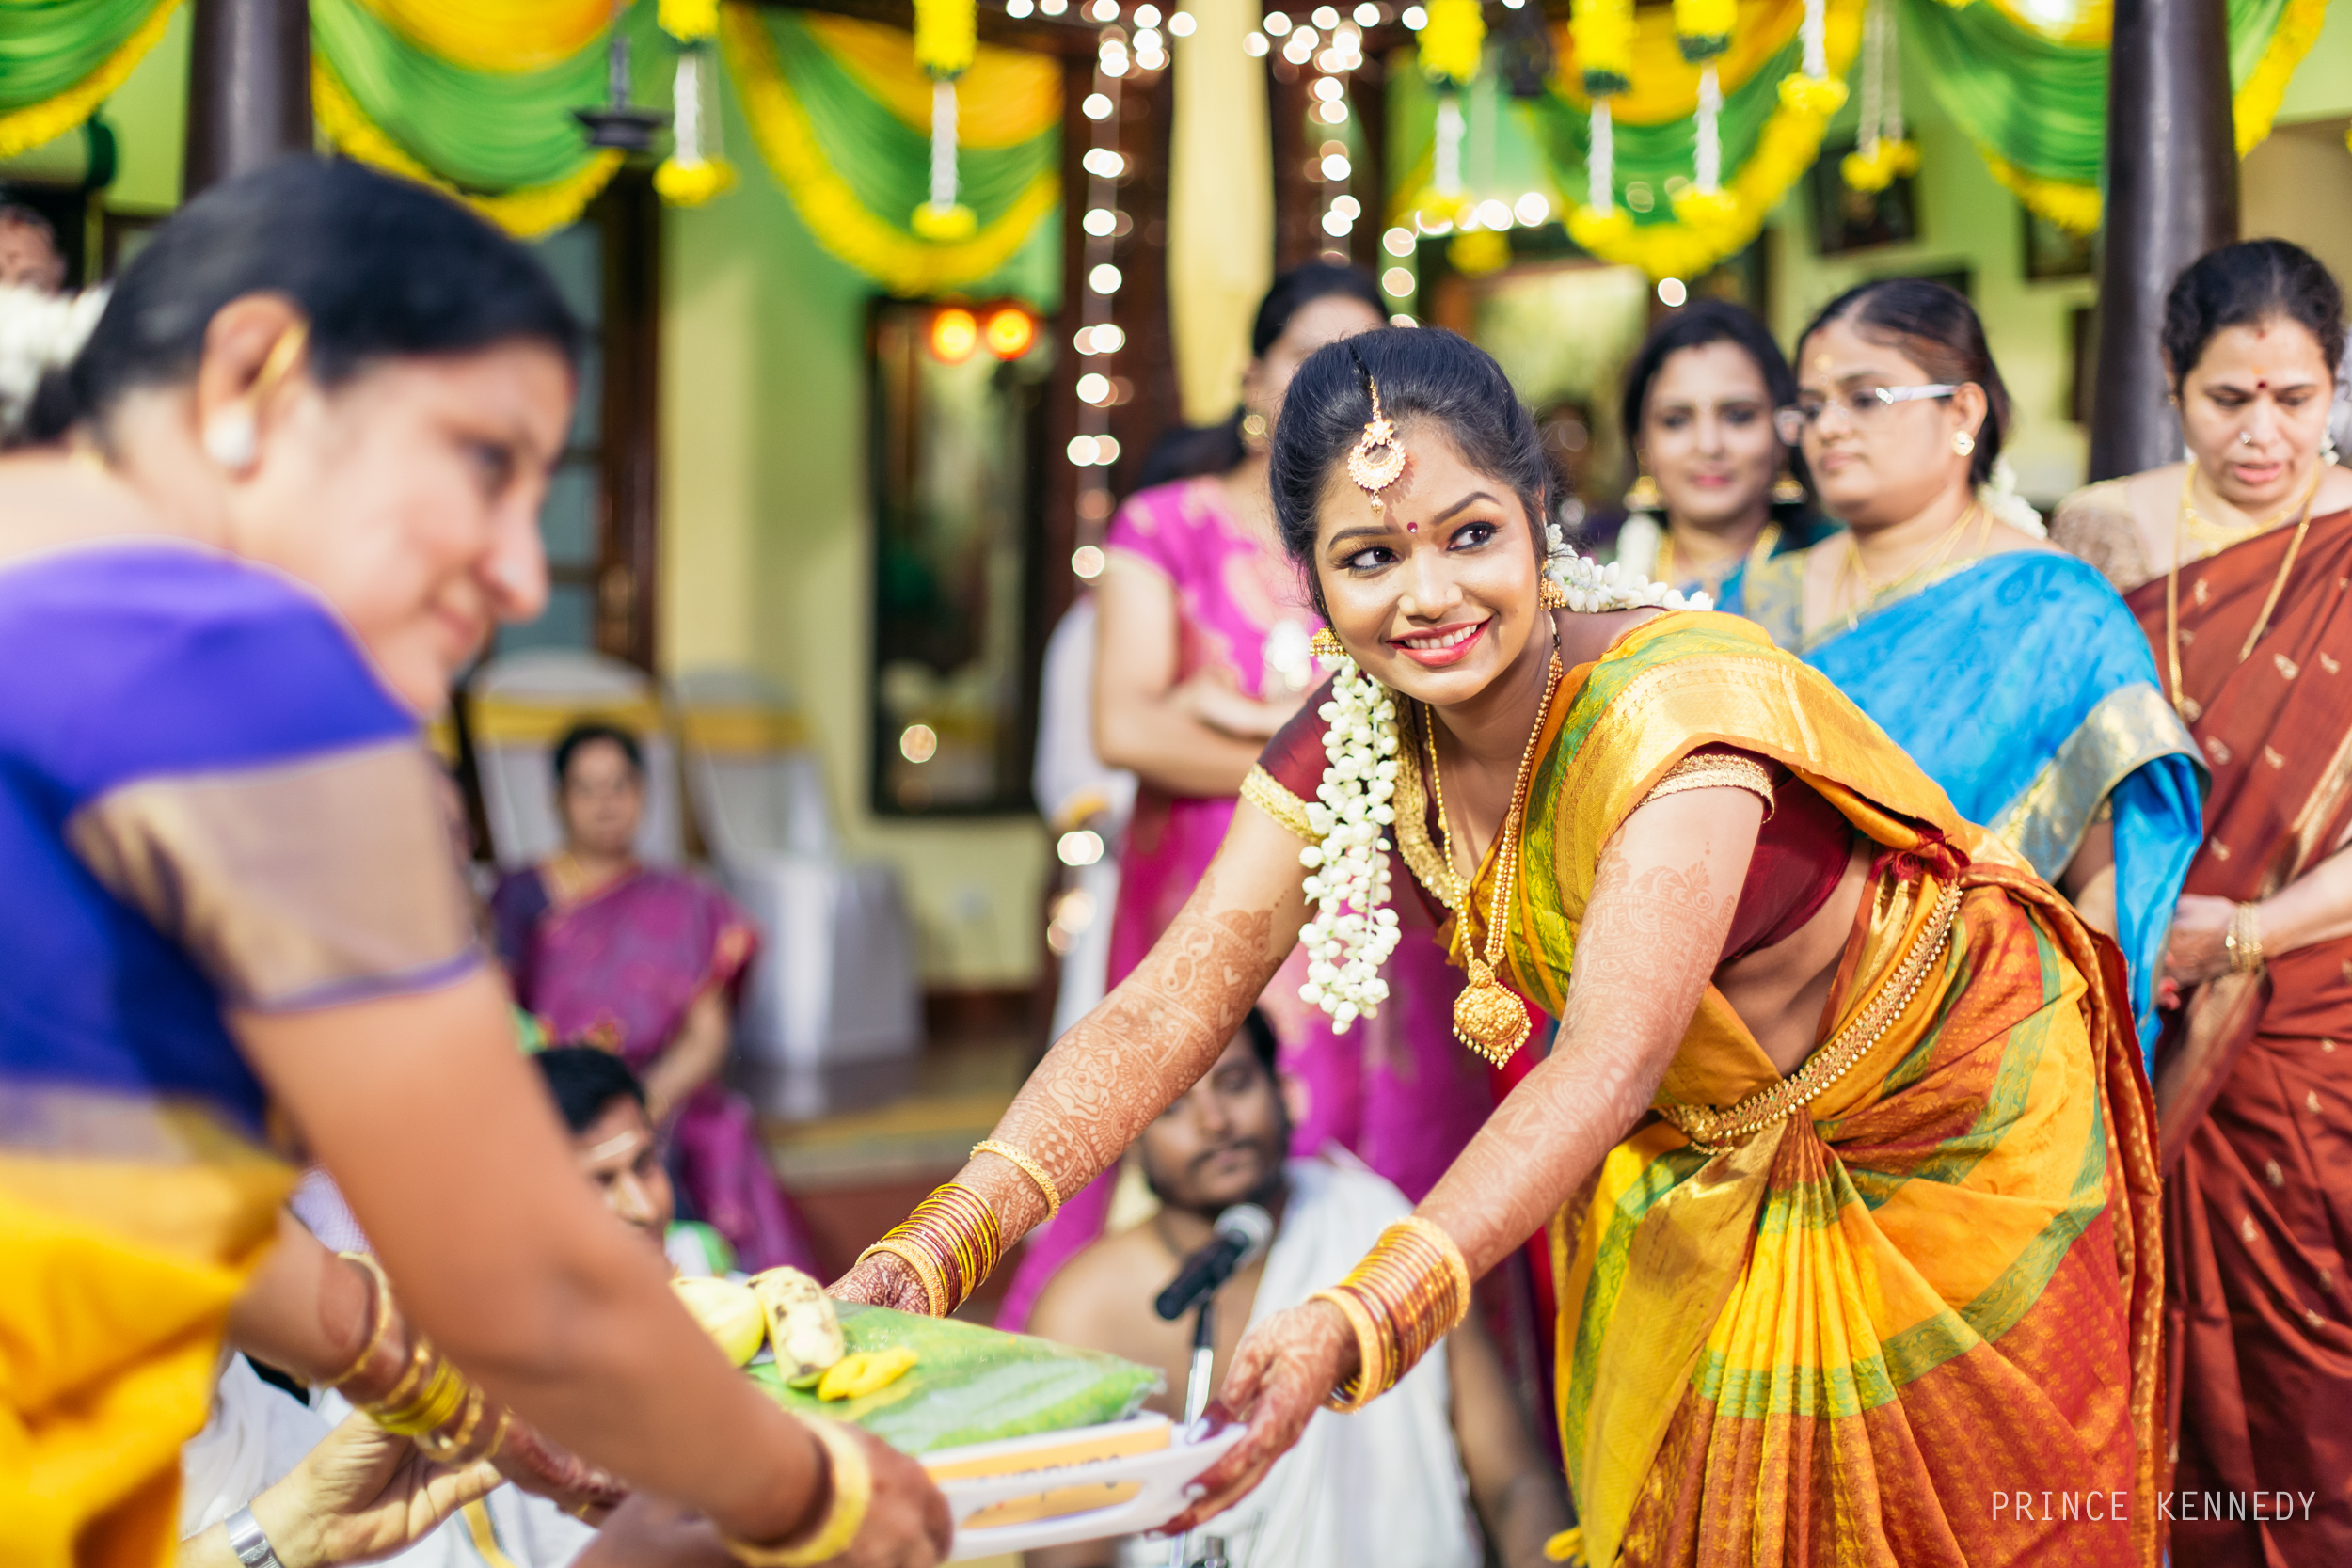 Engagement-Couple-Portrait-Portraiture-Wedding-Couple-Portrait-Chennai-Photographer-Candid-Photography-Destination-Best-Prince-Kennedy-Photography-162.jpg